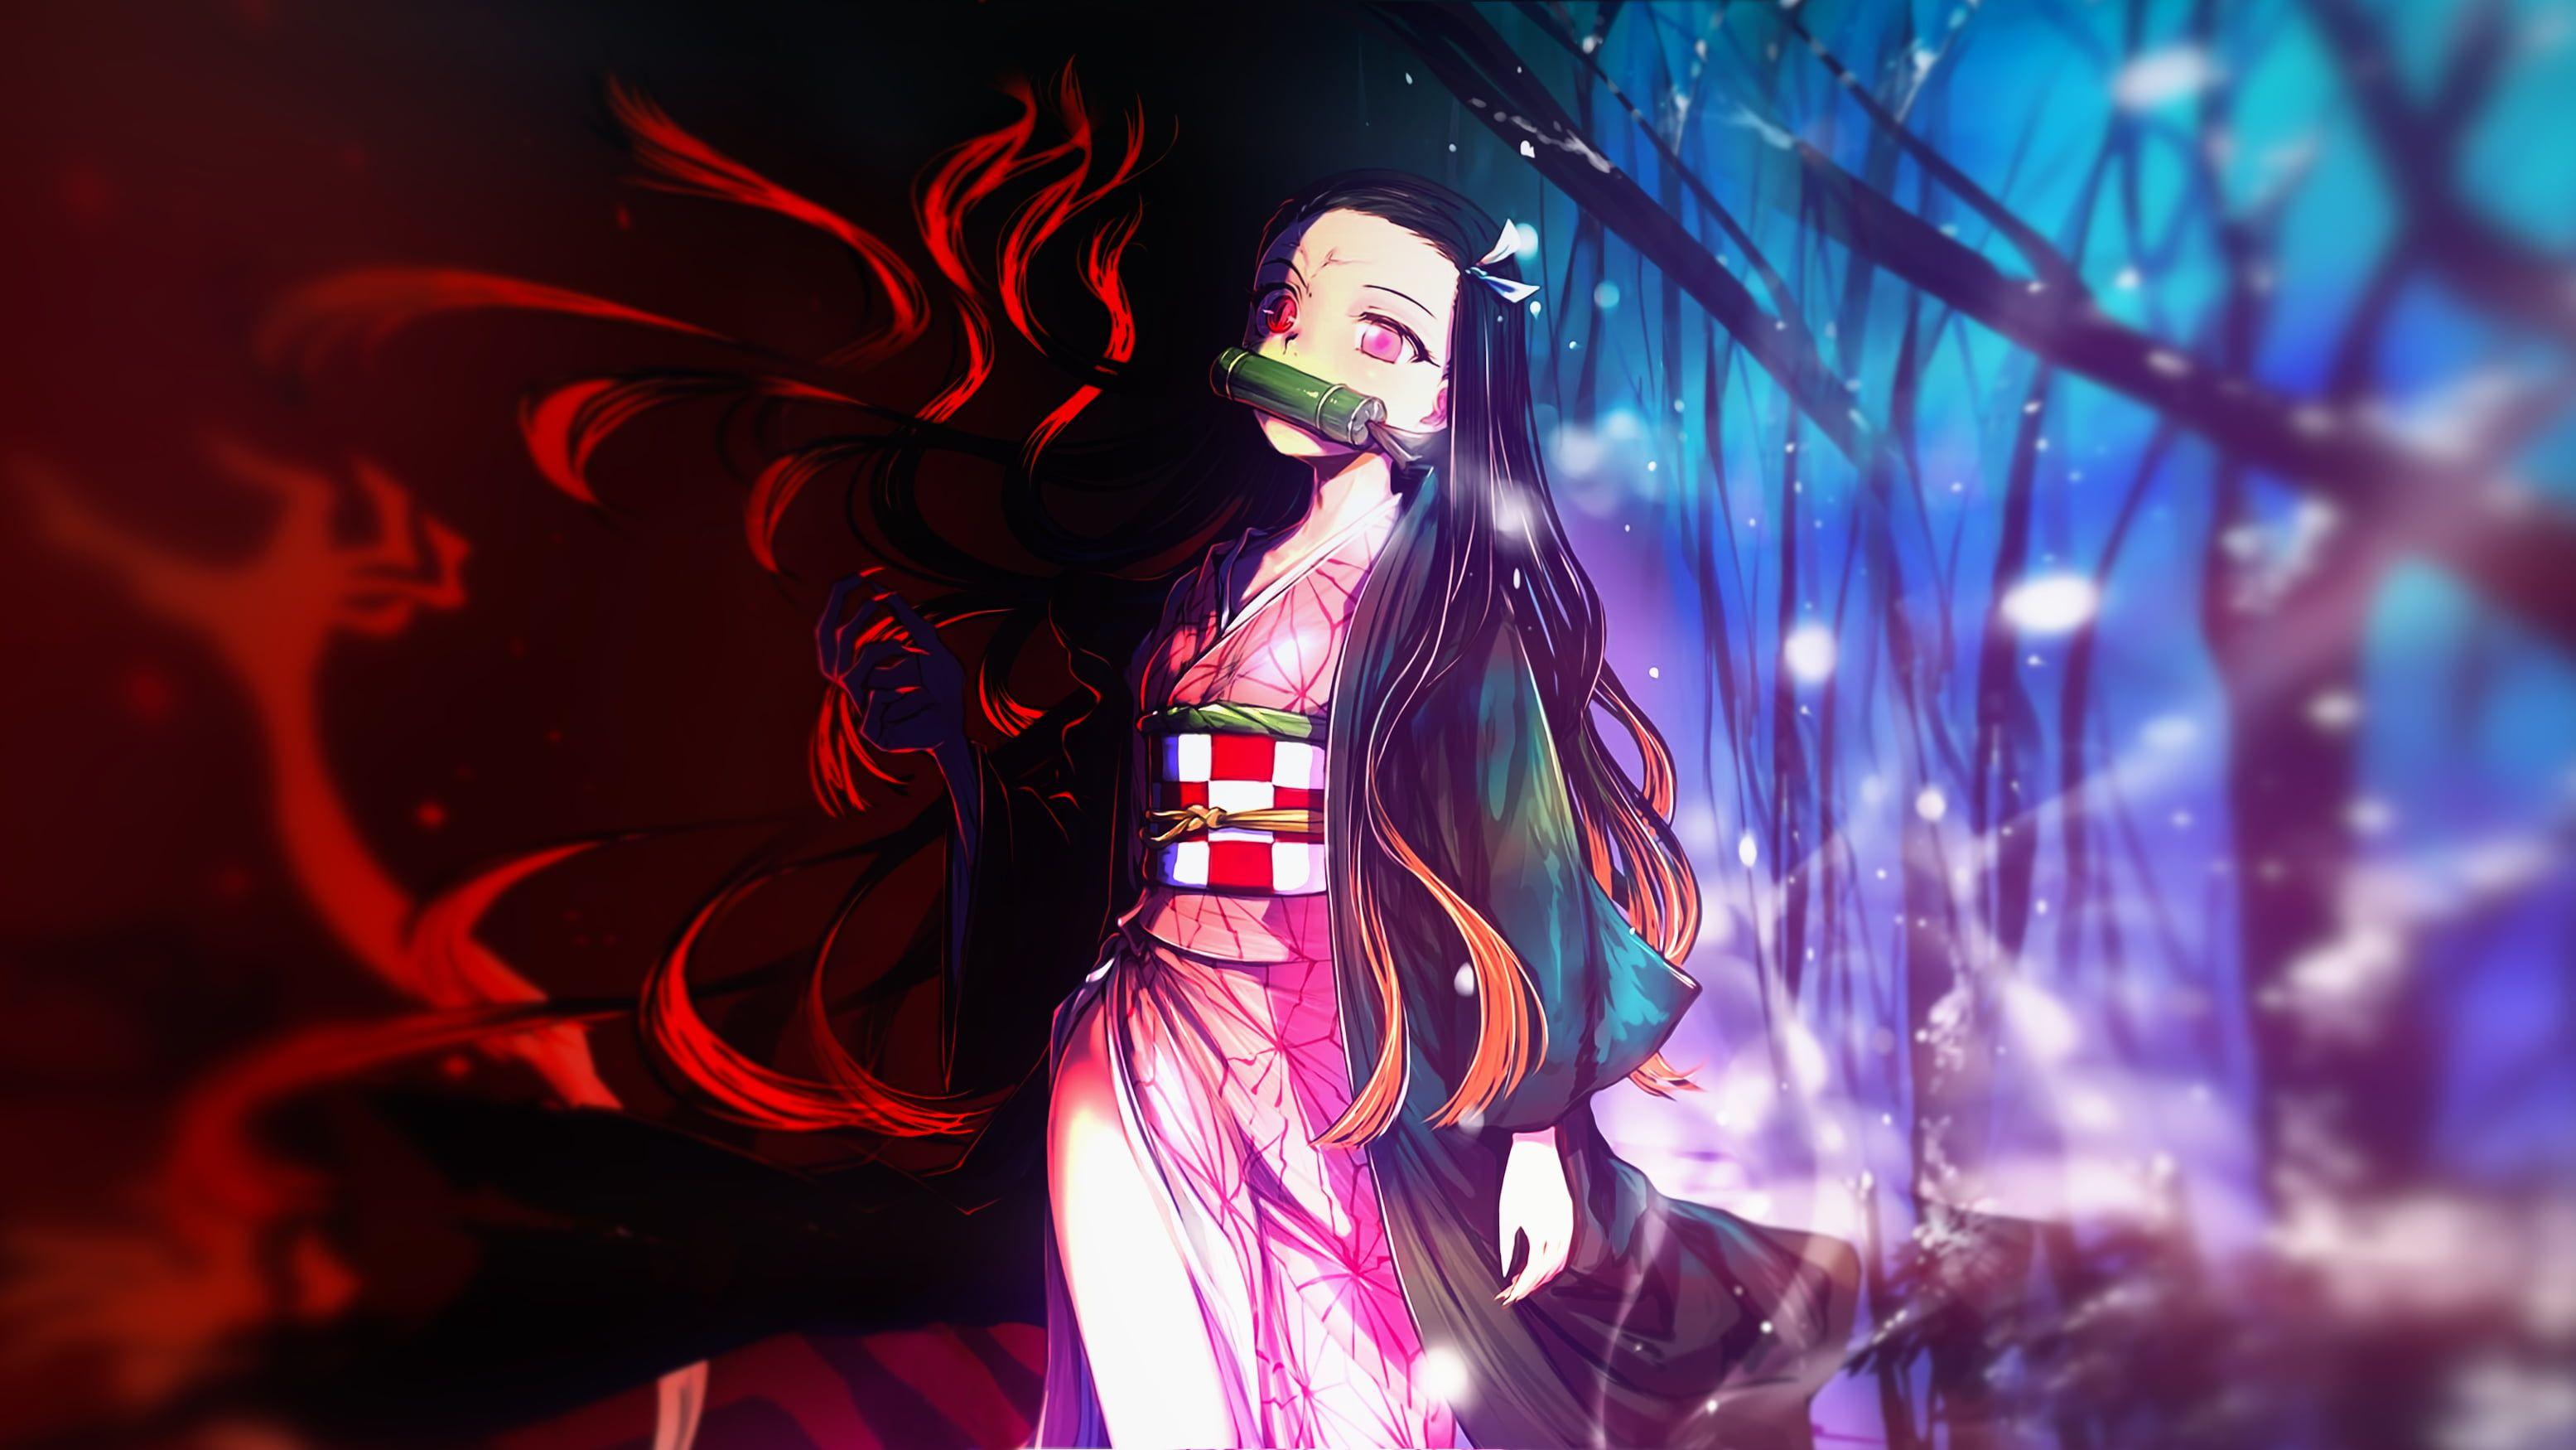 Anime Demon Slayer Kimetsu no Yaiba Nezuko Kamado 2K